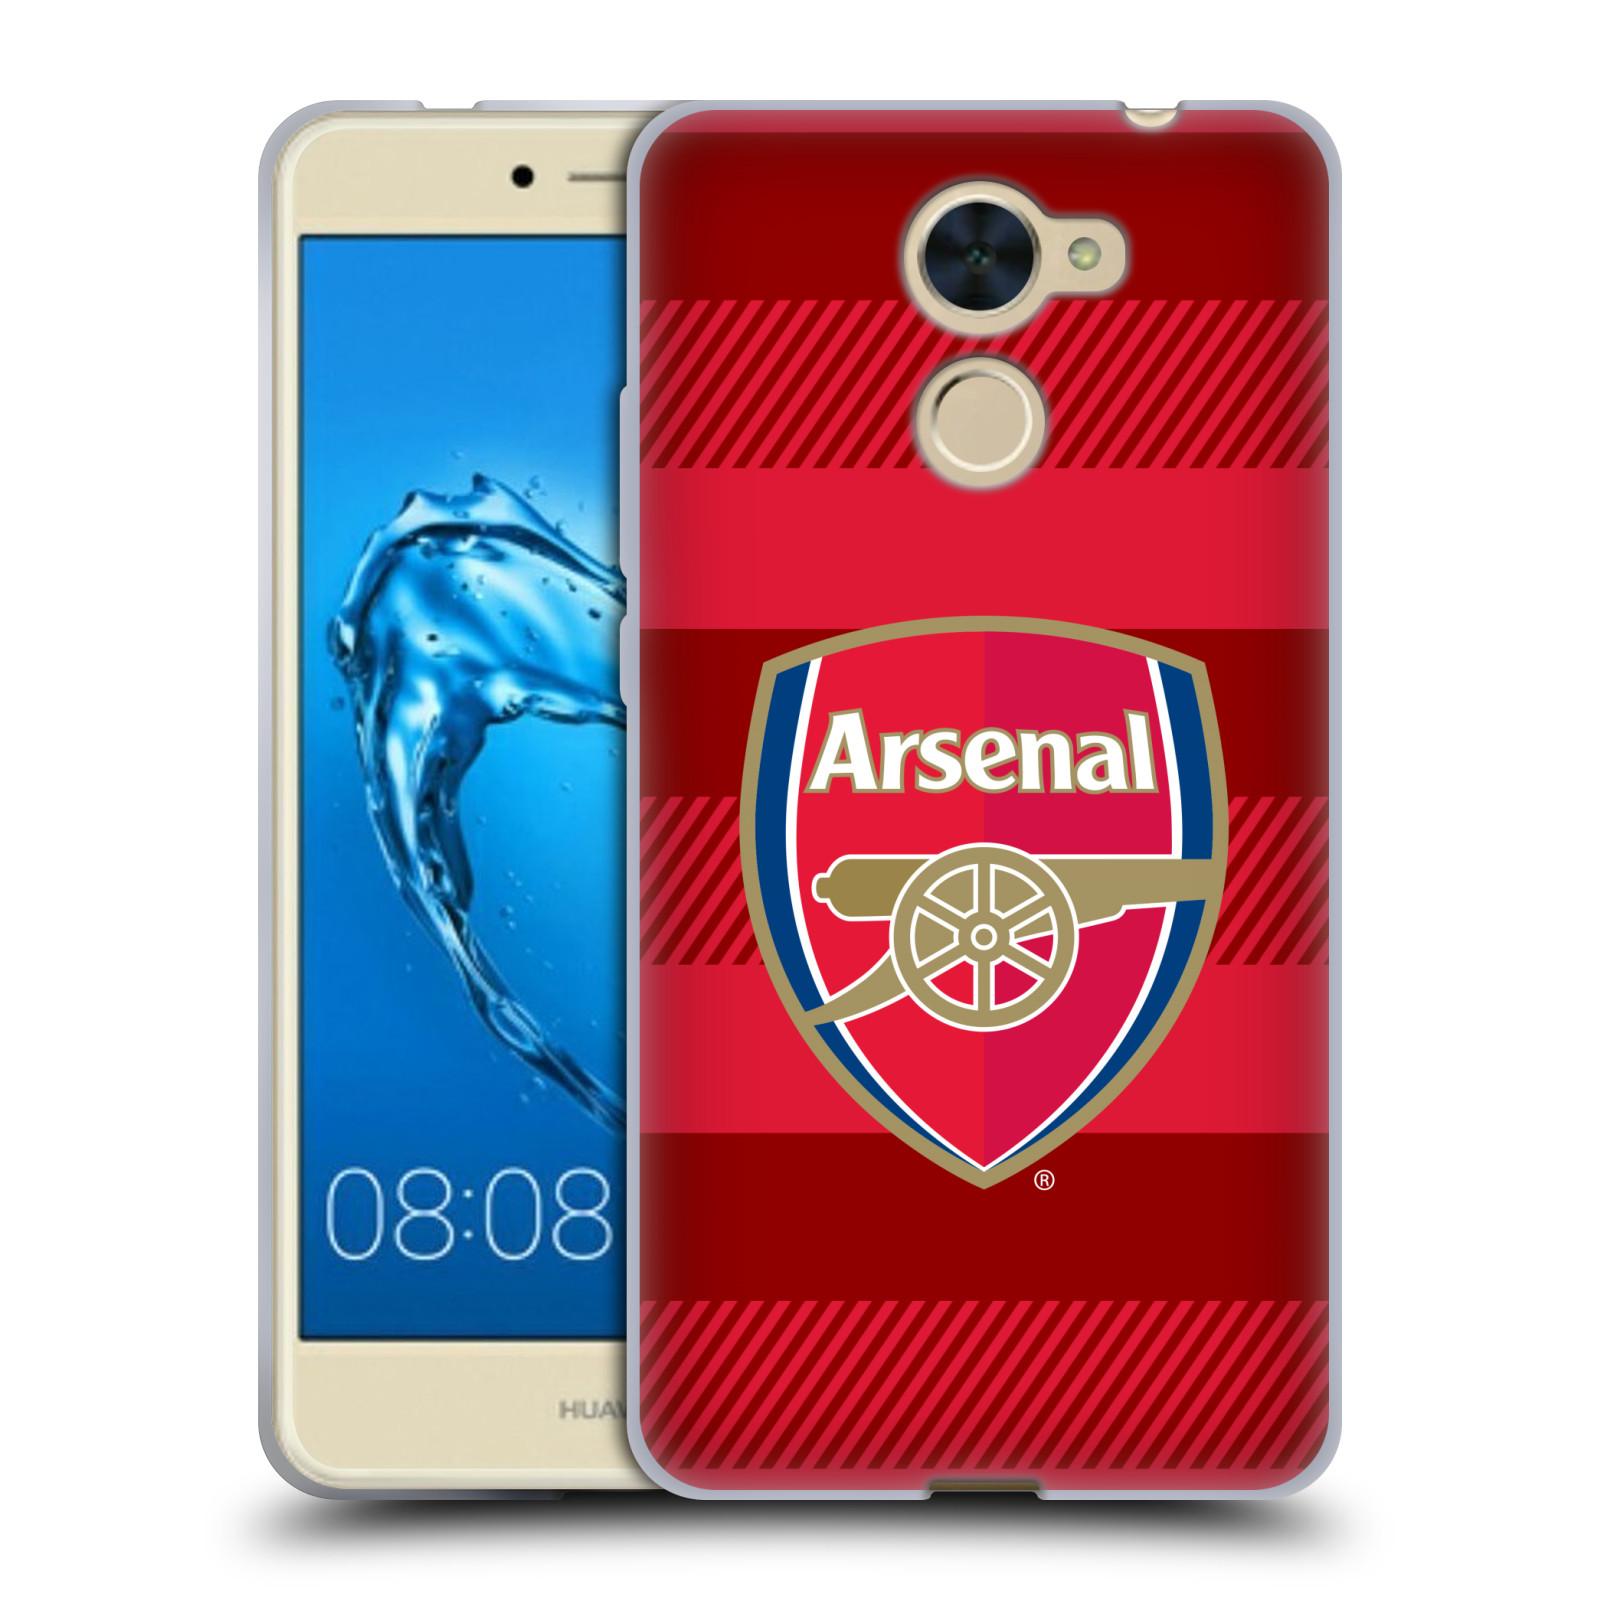 Silikonové pouzdro na mobil Huawei Y7 - Head Case - Arsenal FC - Logo s pruhy